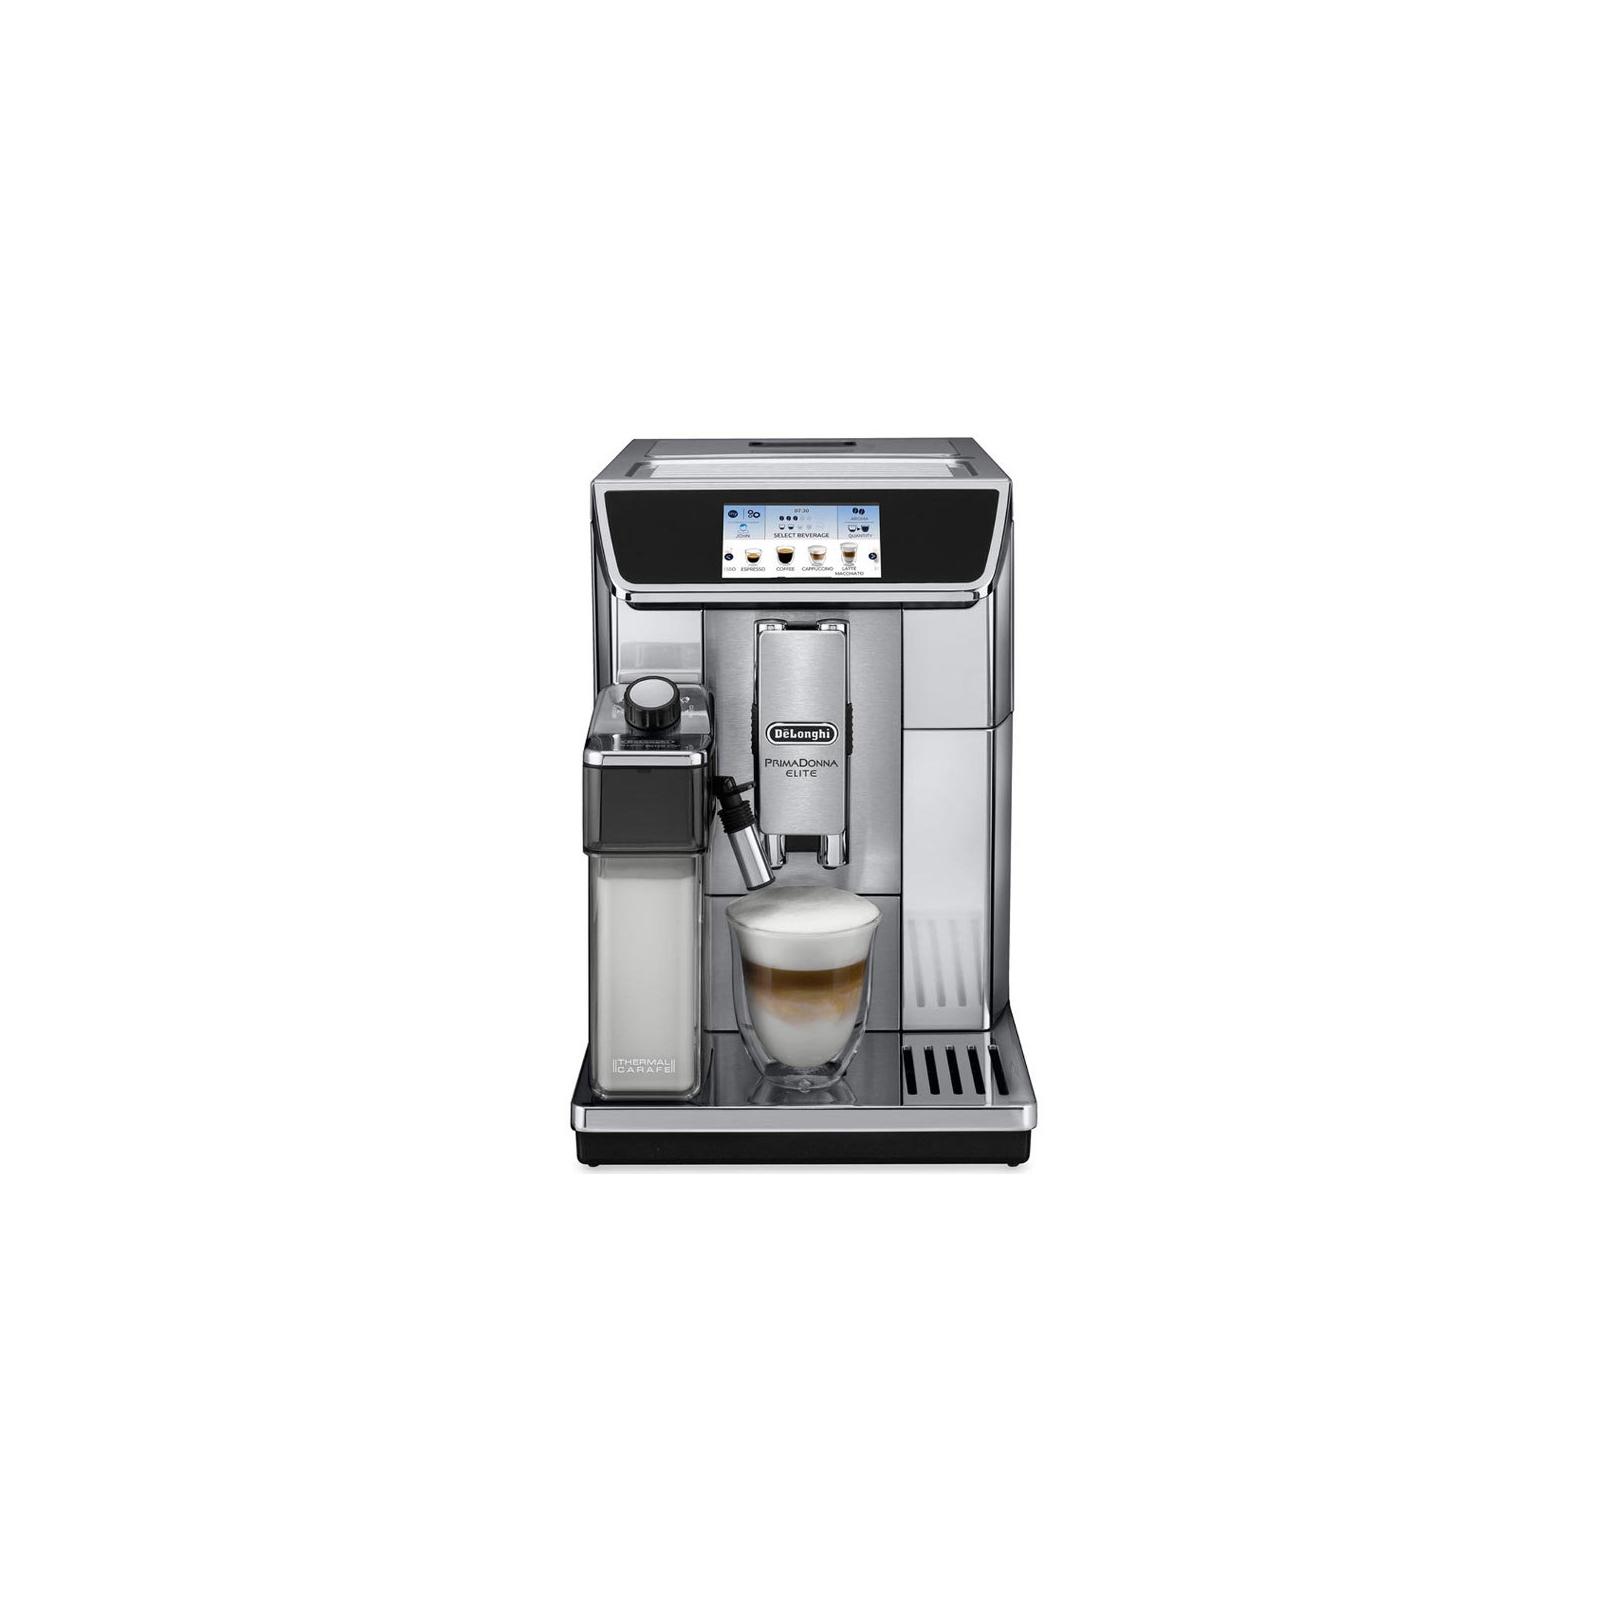 Кофеварка DeLonghi ECAM 650.75 MS изображение 3